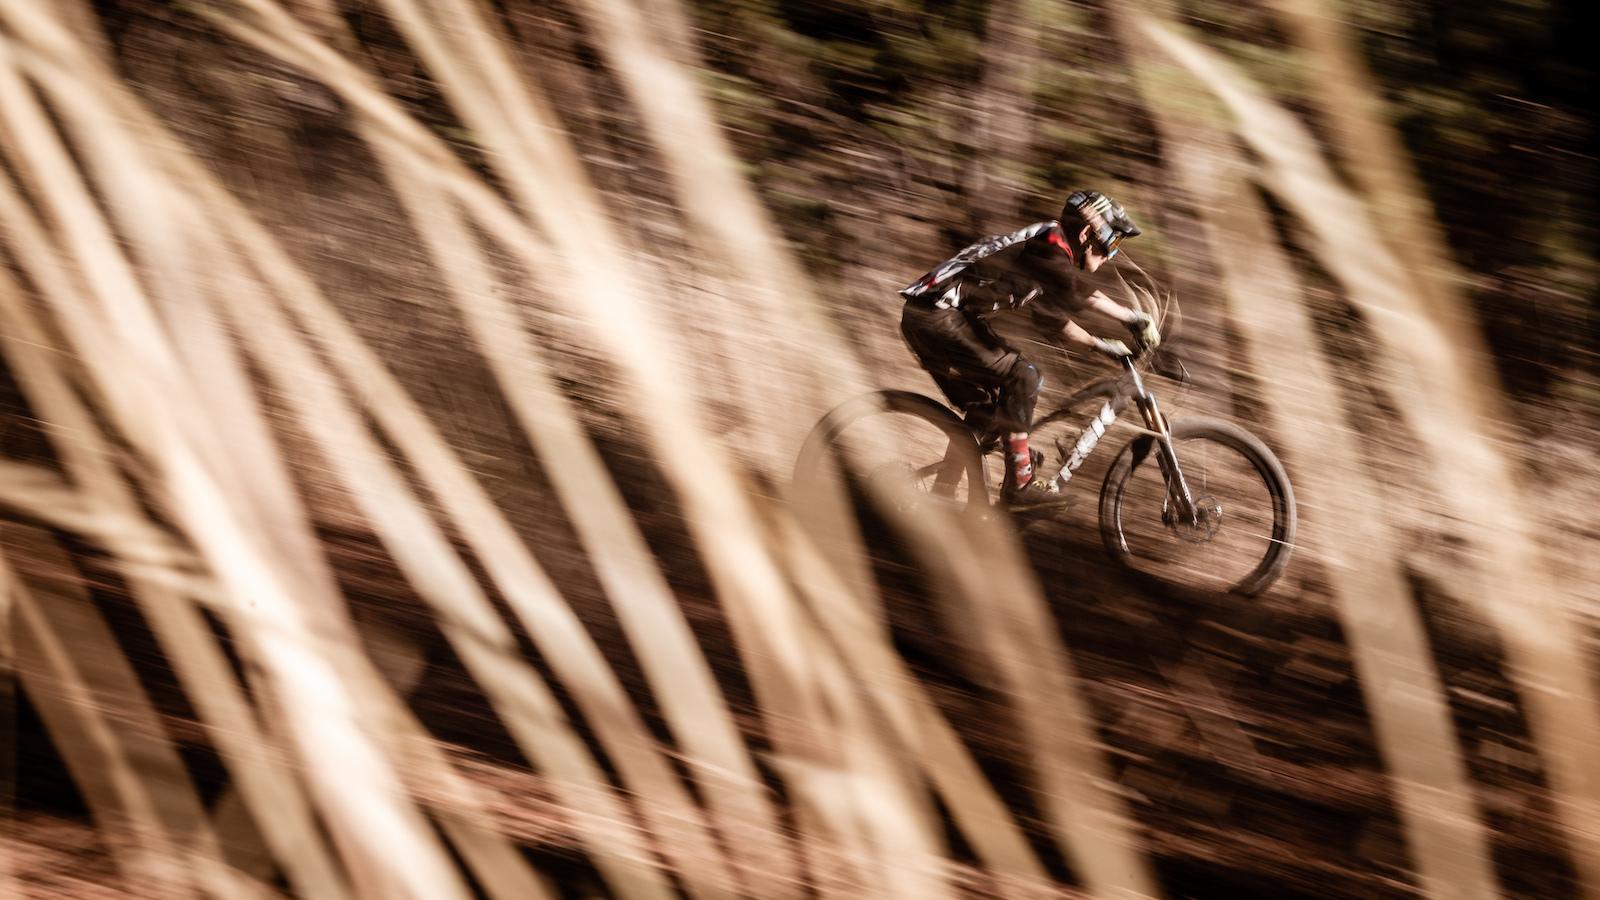 ricardomejia - Ciro Guadarrama Valle de Bravo M xico riding for Cuadro davetrumpore